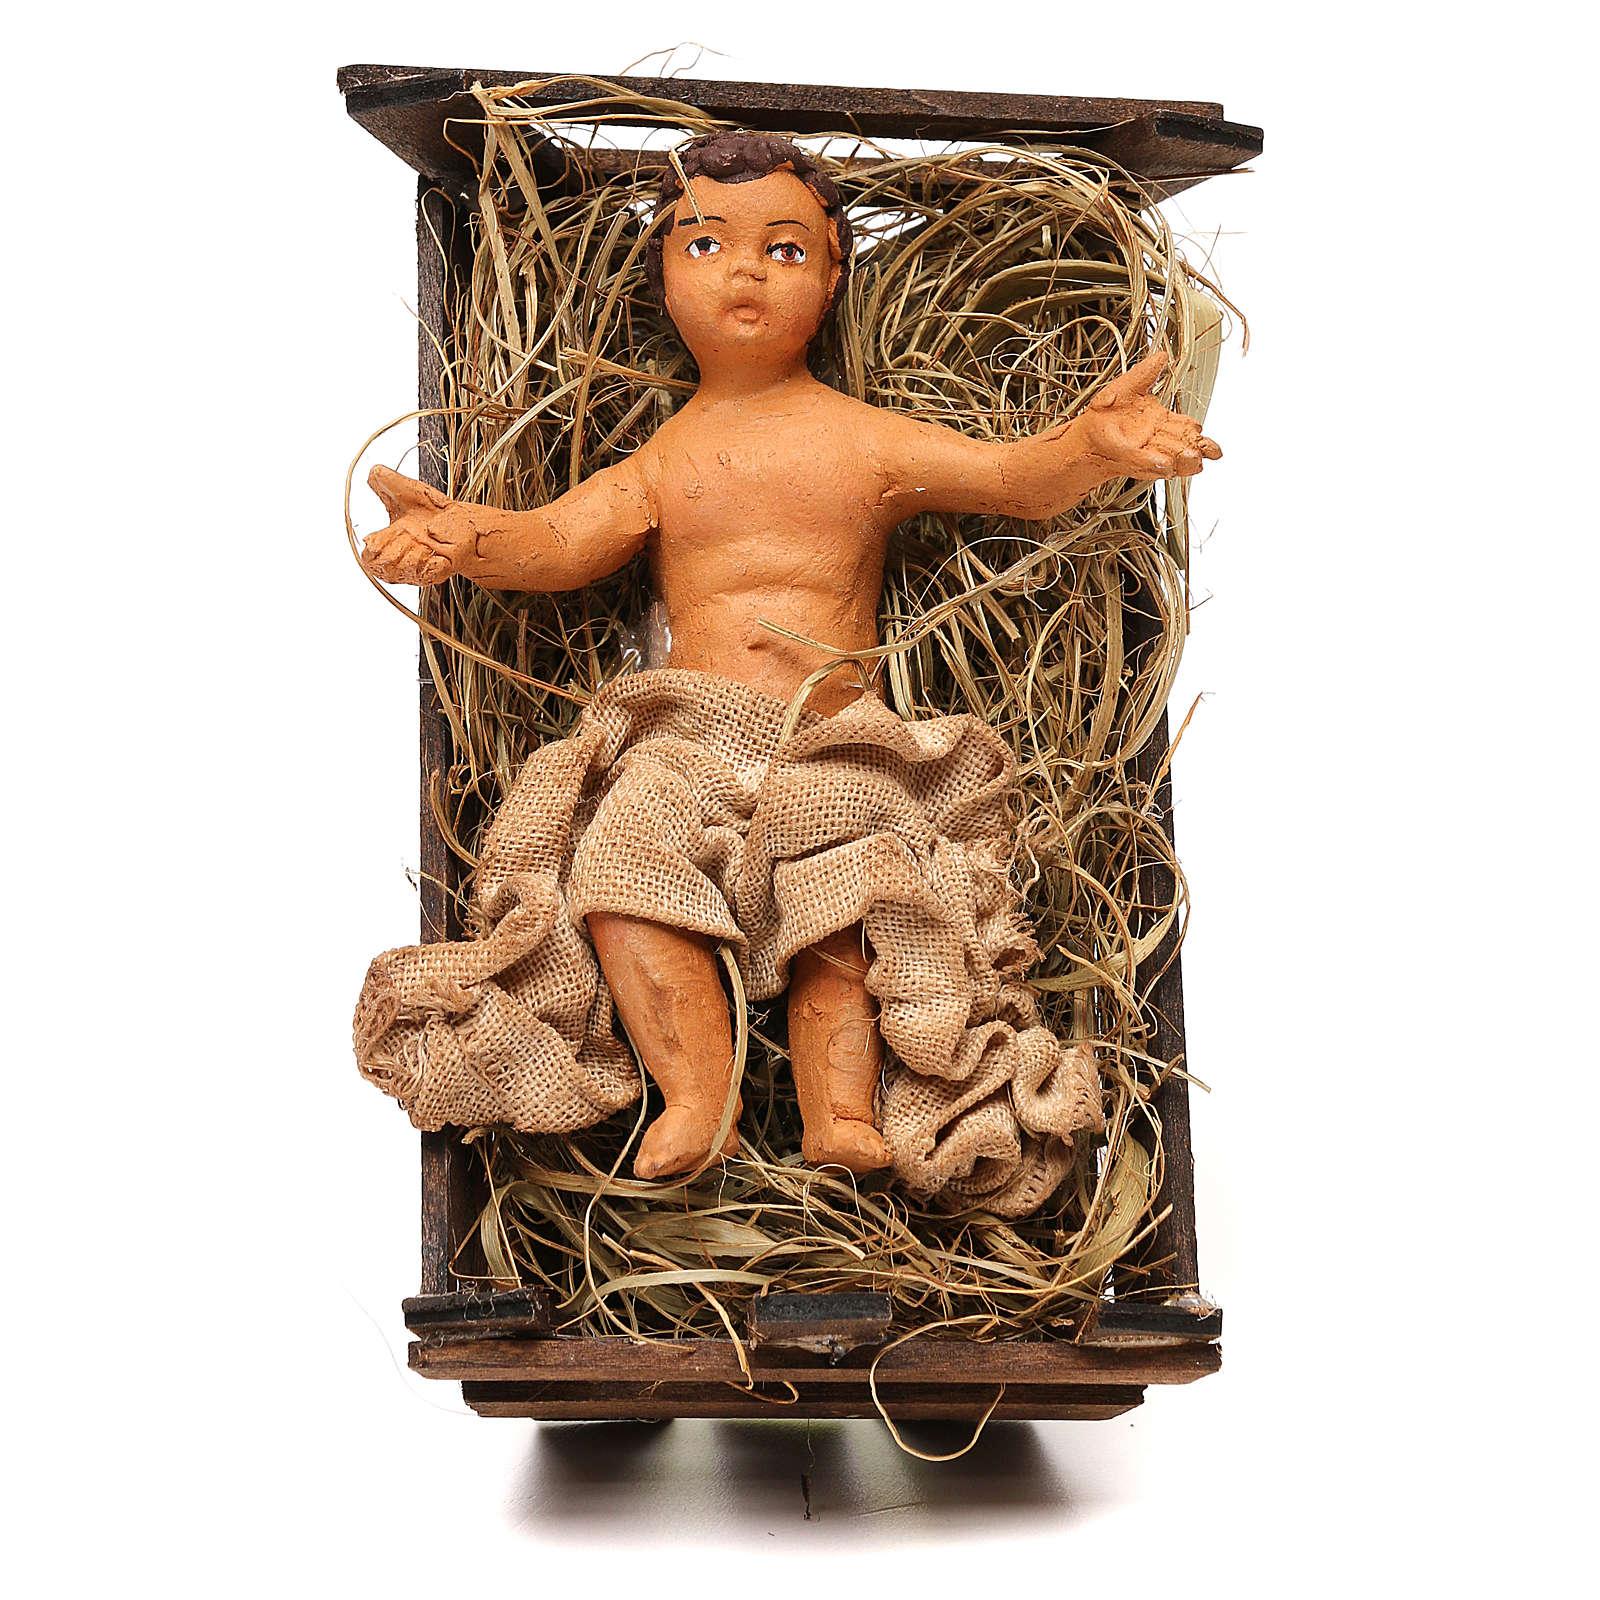 ESTOQUE Menino vestido no berço terracotta 18 cm presépio Nápoles 4